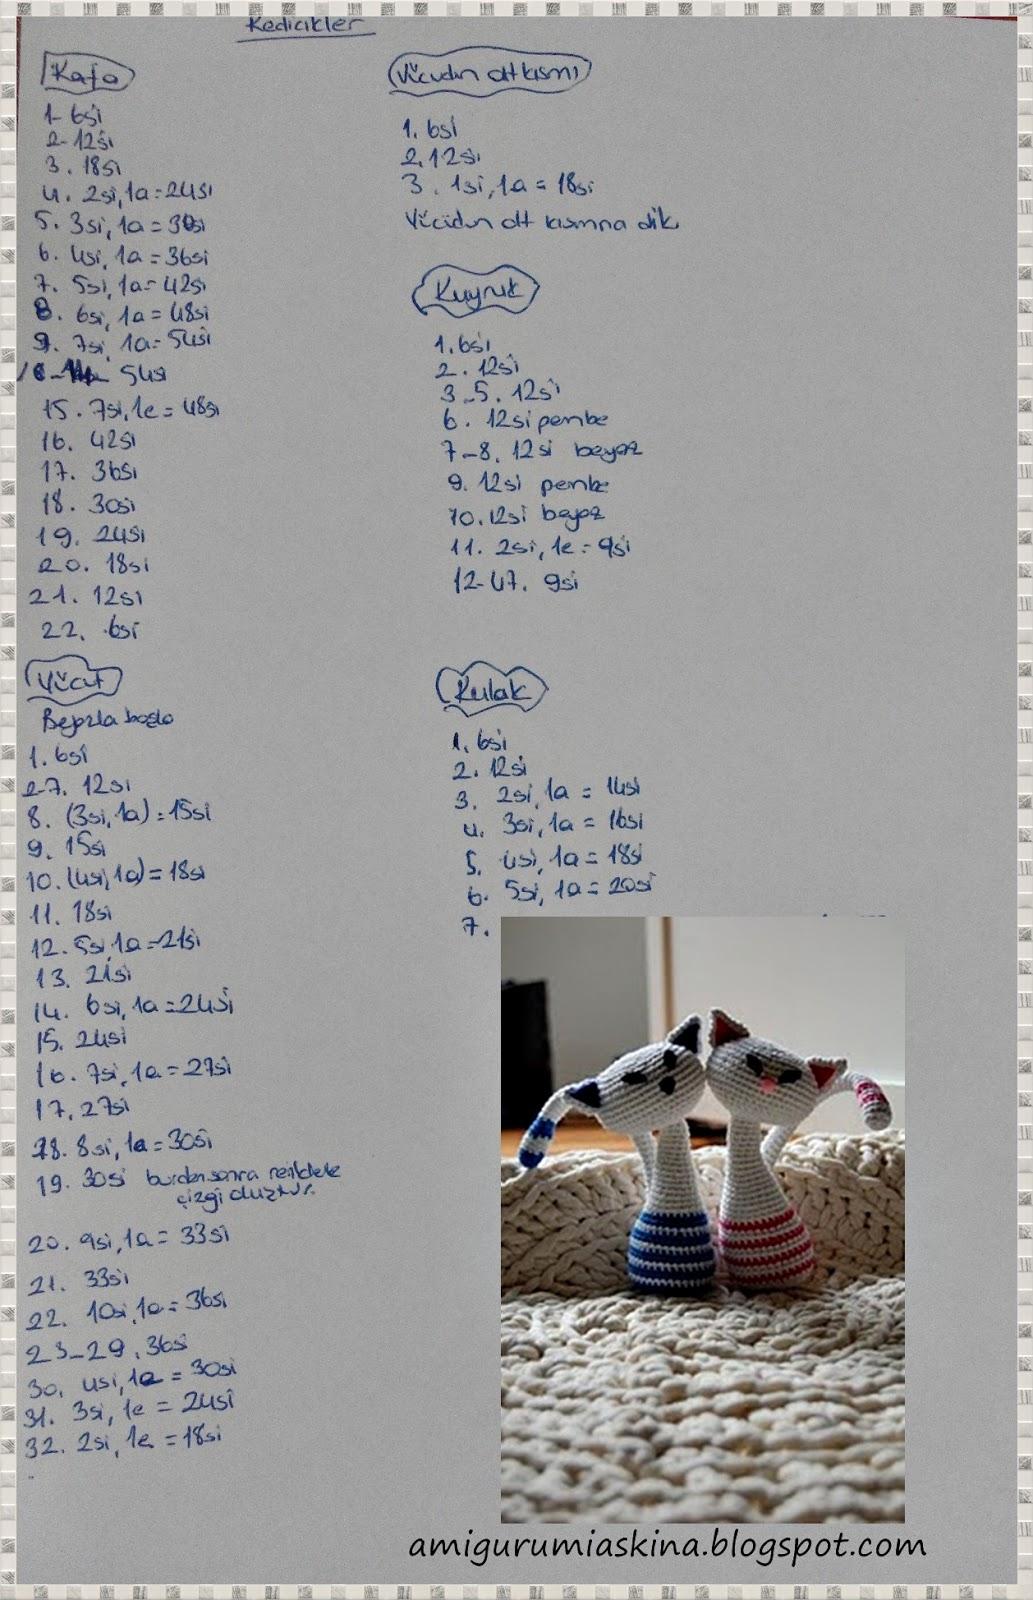 Amigurumi Büyük Boy Kedi Yapımı Tarifi | Tığ desenleri, Kedi ... | 1600x1033